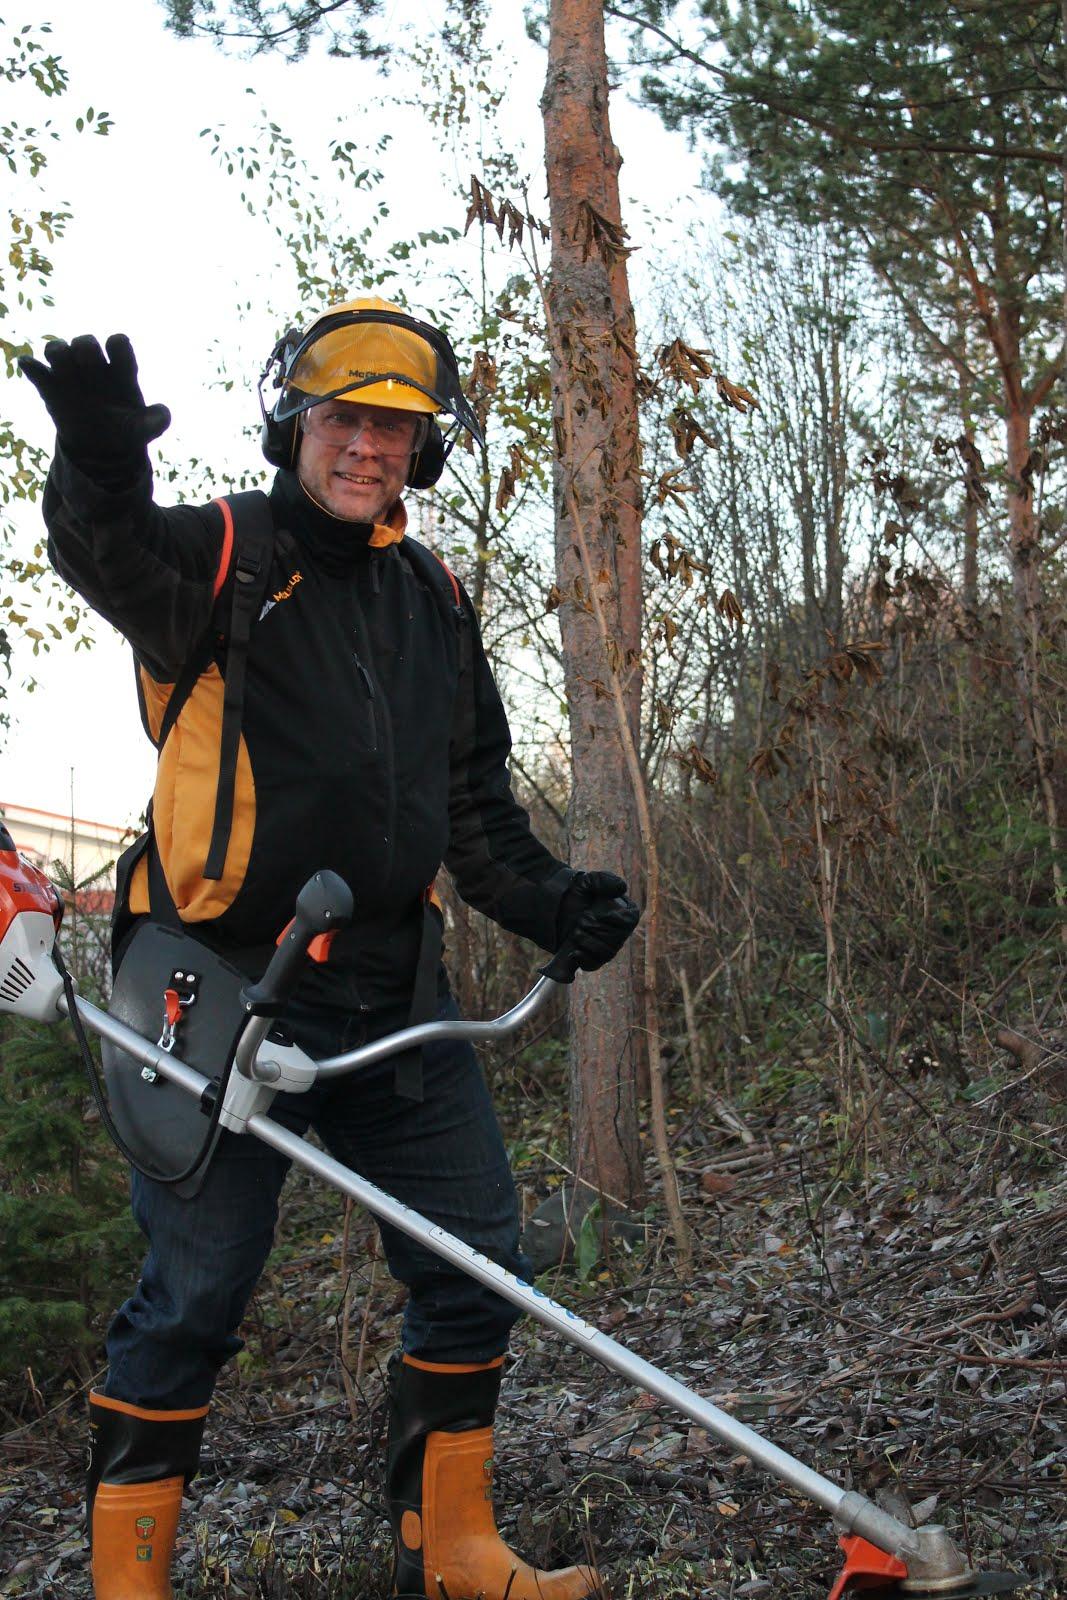 Taloyhtiöiden pensaiden pensasaitojen alasleikkaukset tuntityönä moottorisahalla talonmiespalveluna